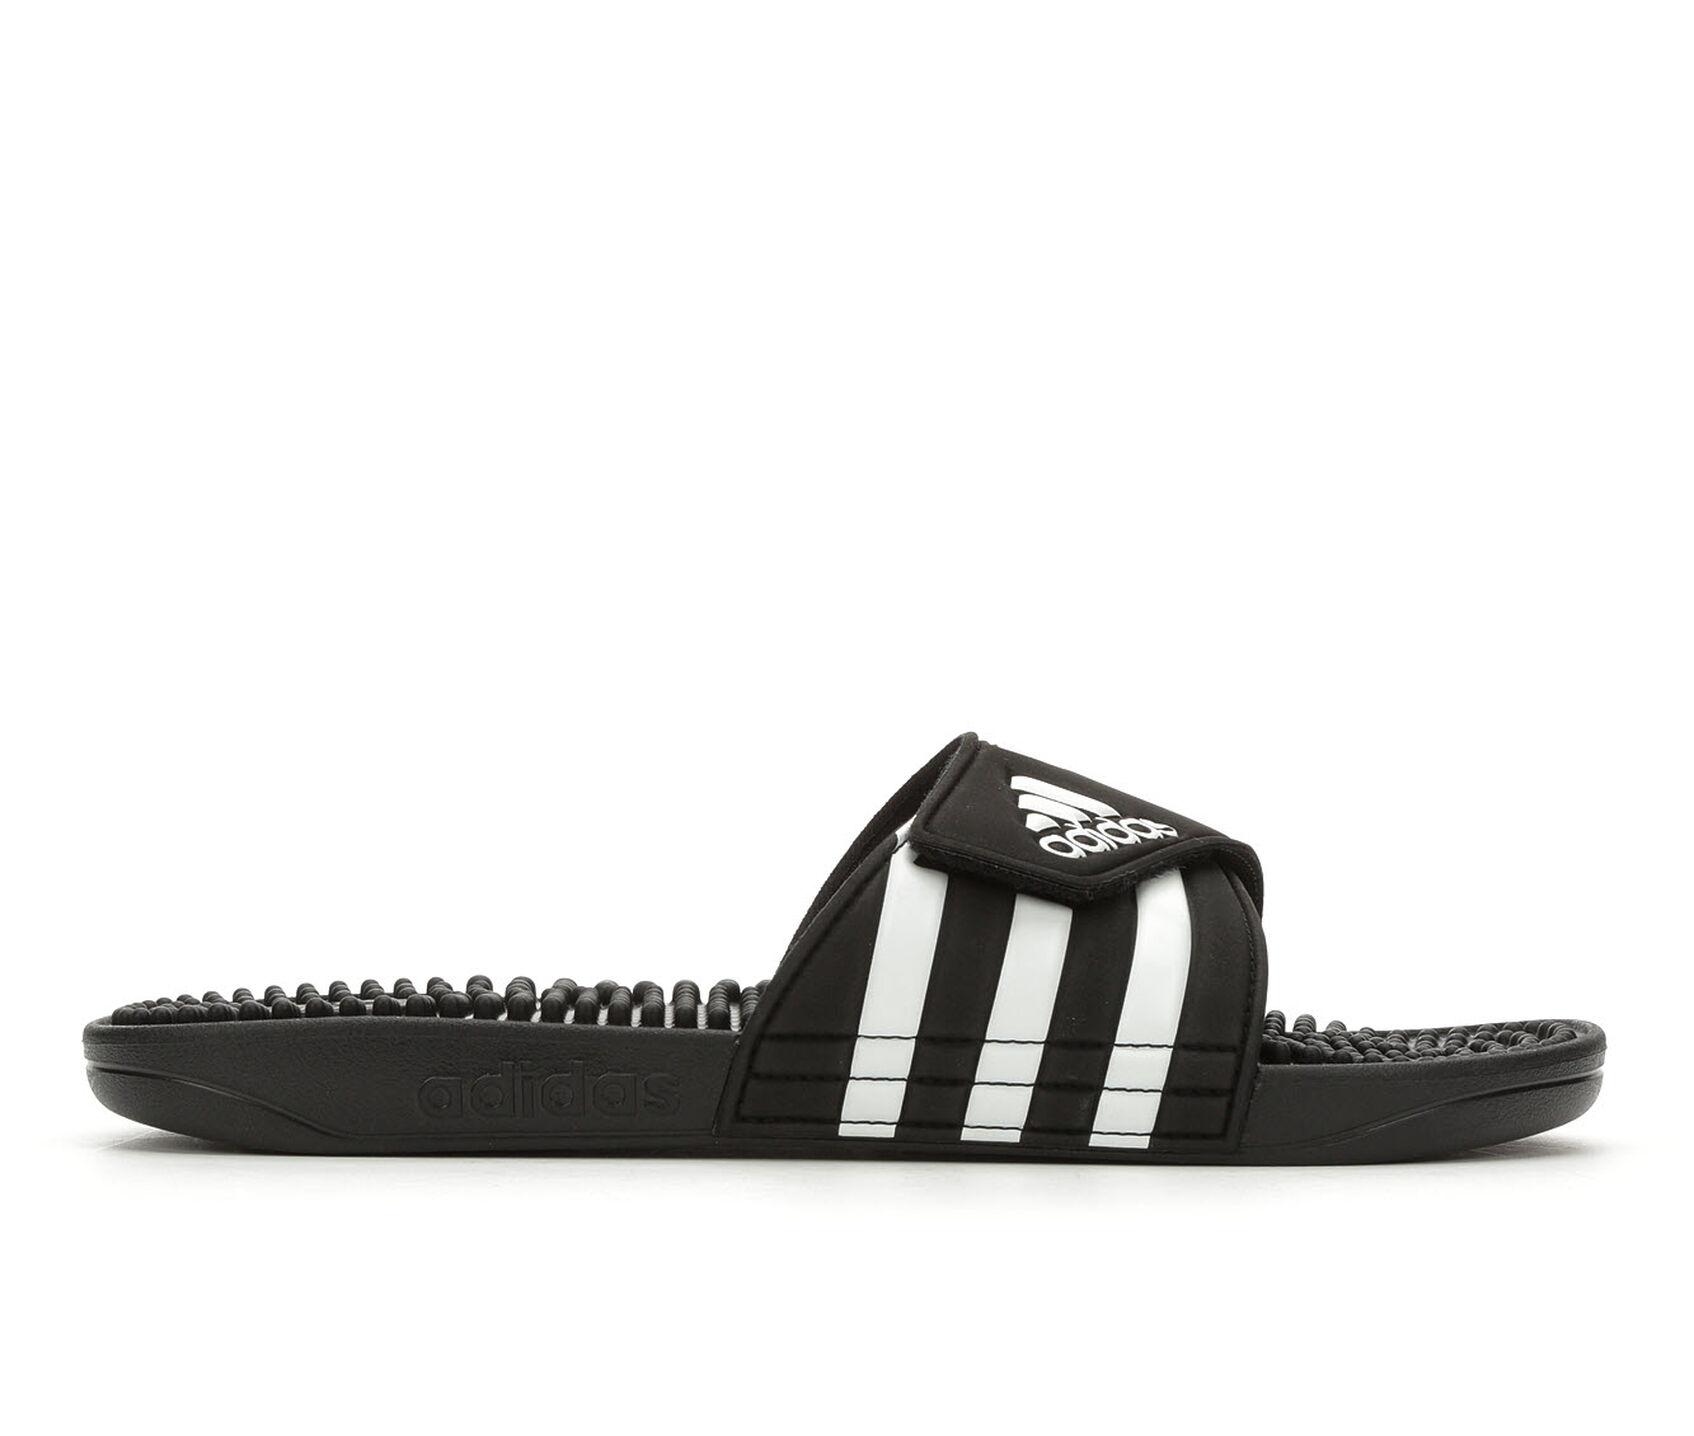 a87da928ed8 ... Adidas Adissage Sport Slides. Previous